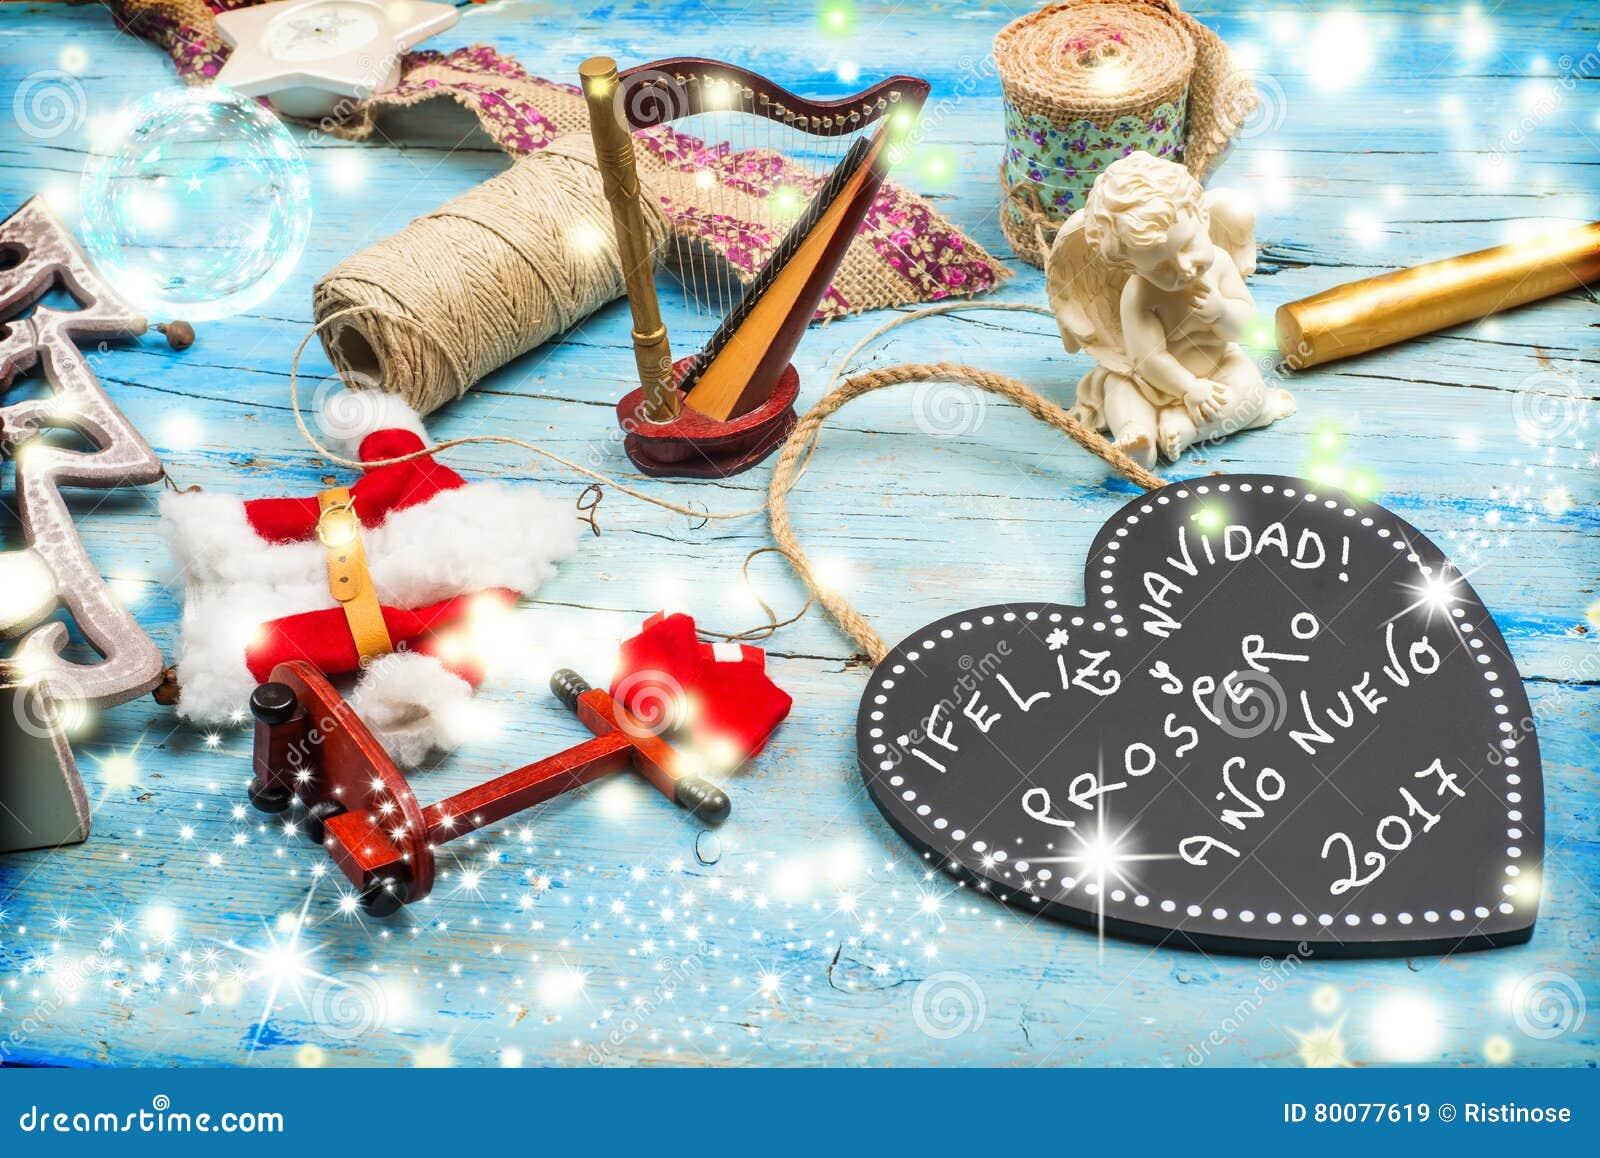 Weihnachtsgrüße Auf Spanisch.Weihnachtsgrüße Spanische Sprache Stockbild Bild Von Tafel